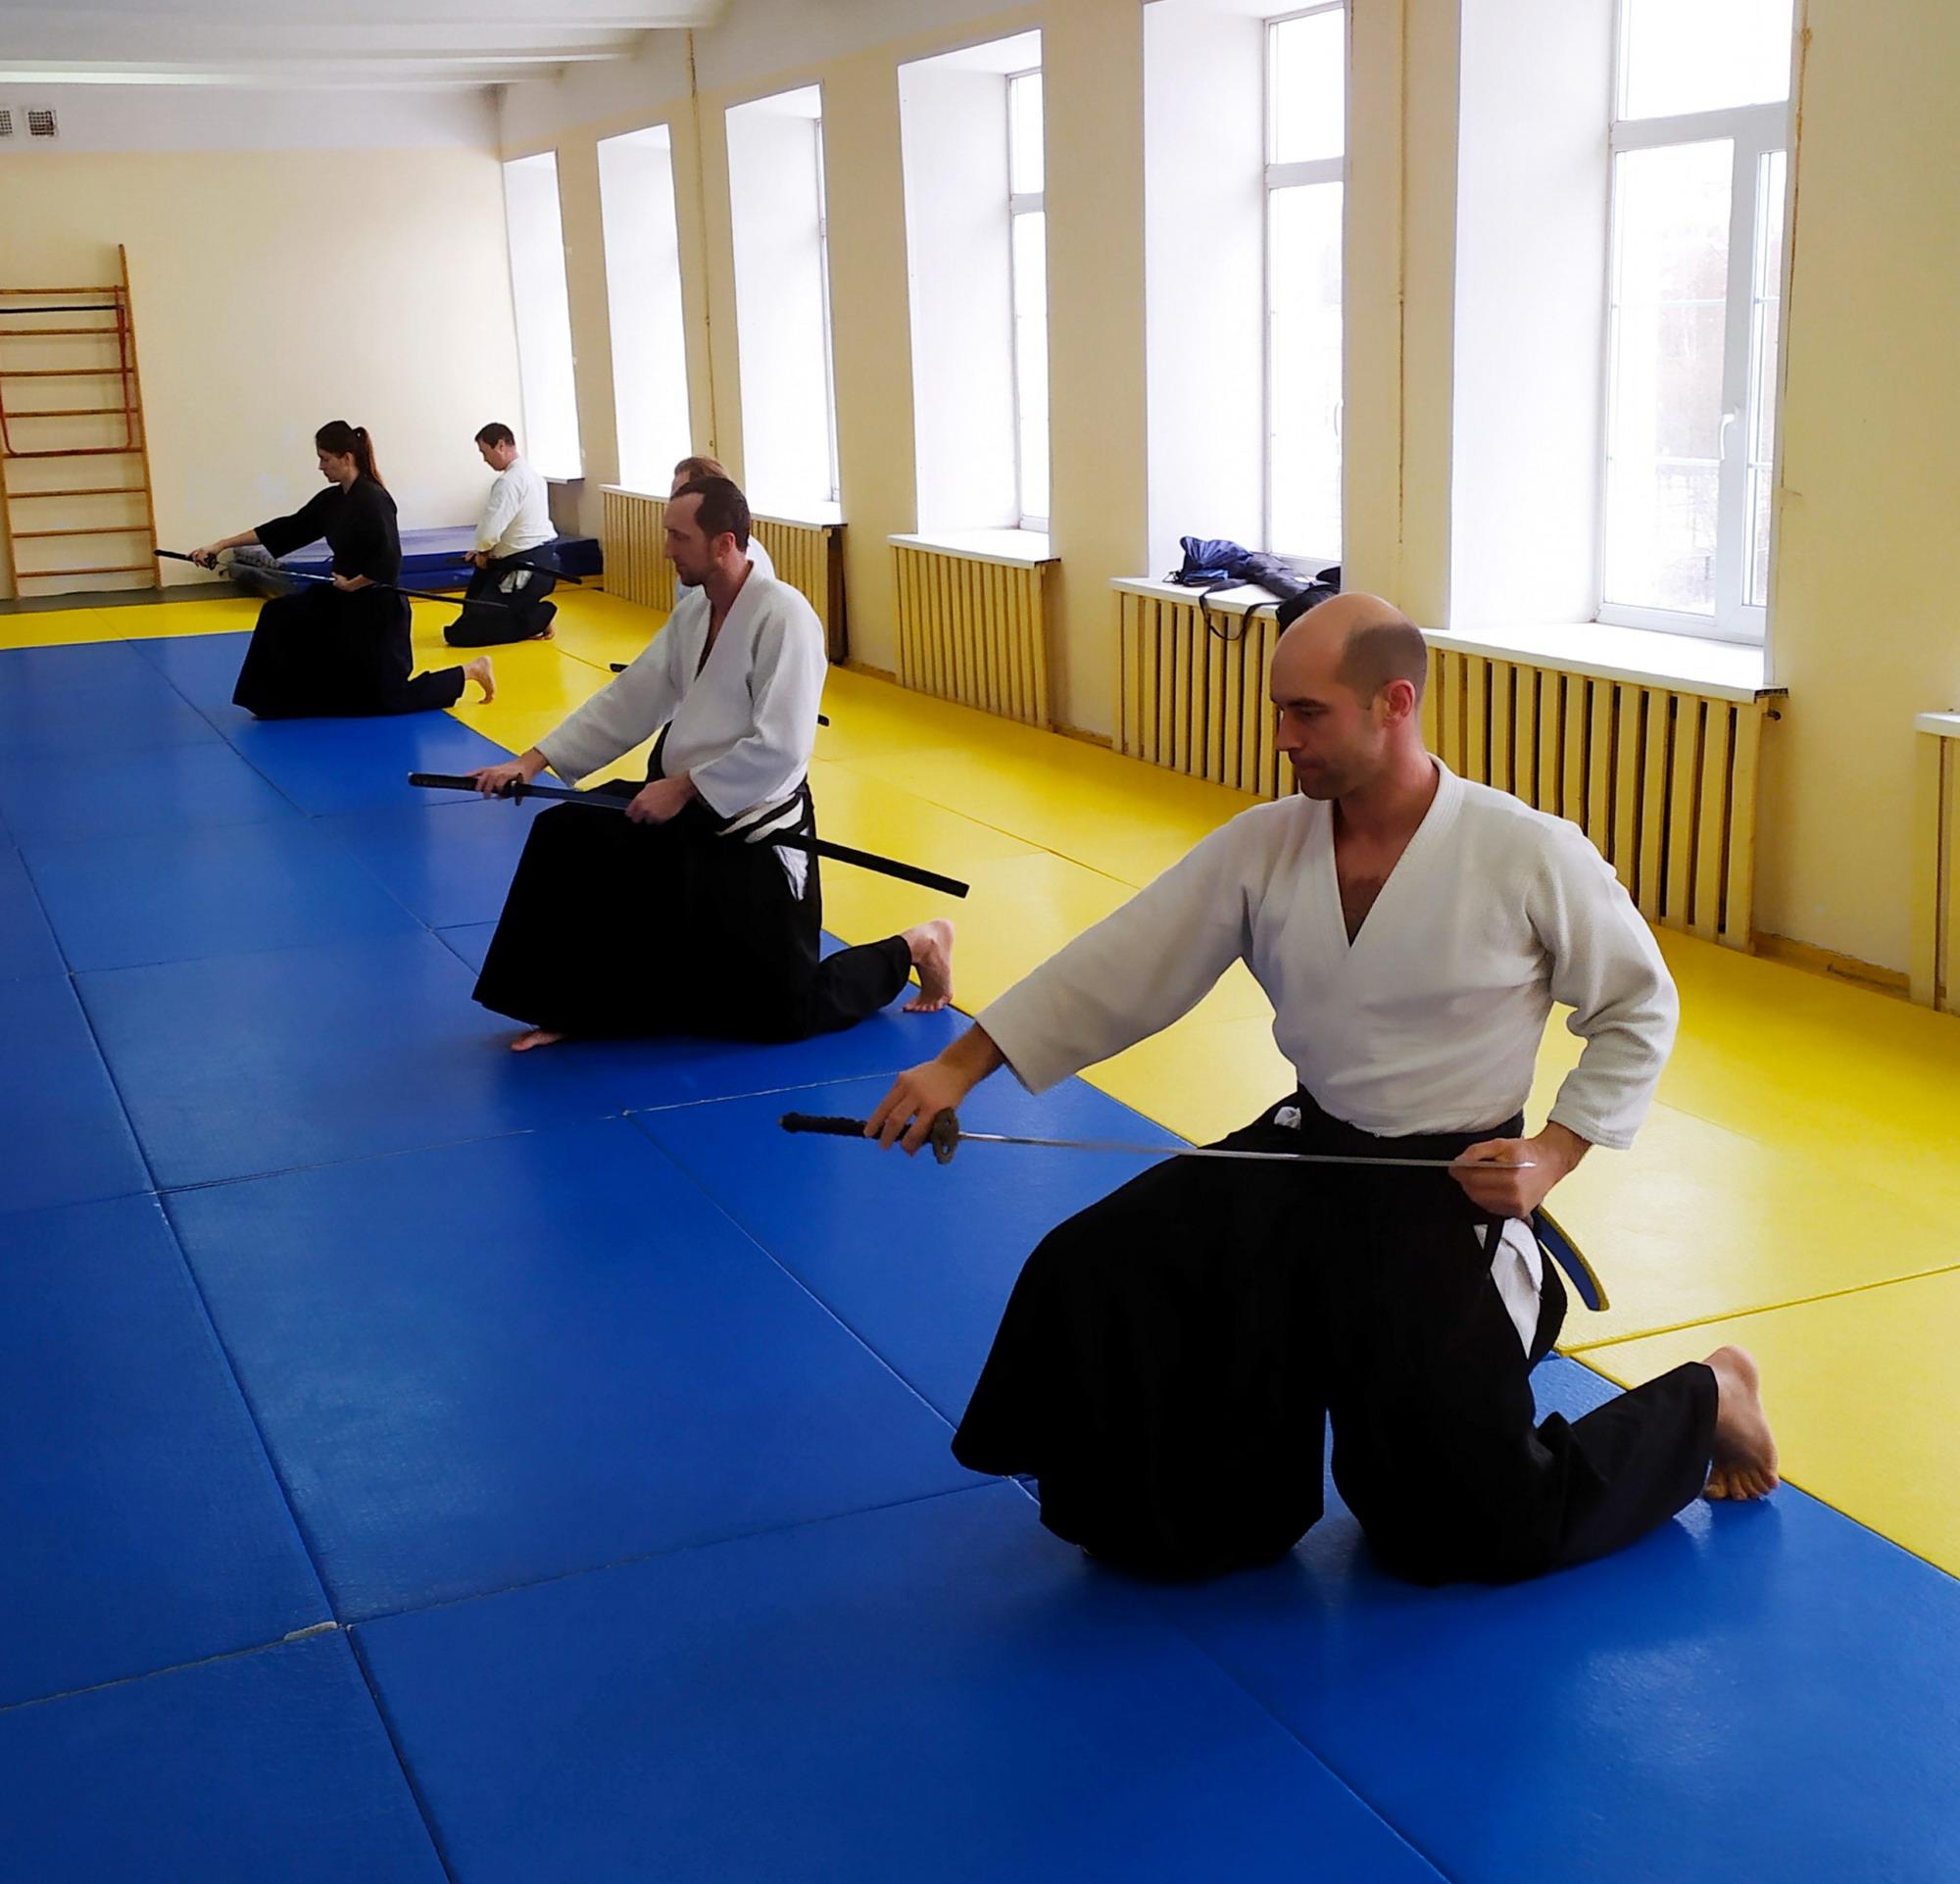 плановый методический семинар по Айкидо Айкикай, Мусо Синден рю Иайдо (FEI) и Синто Мусо рю Дзёдо (FEJ).